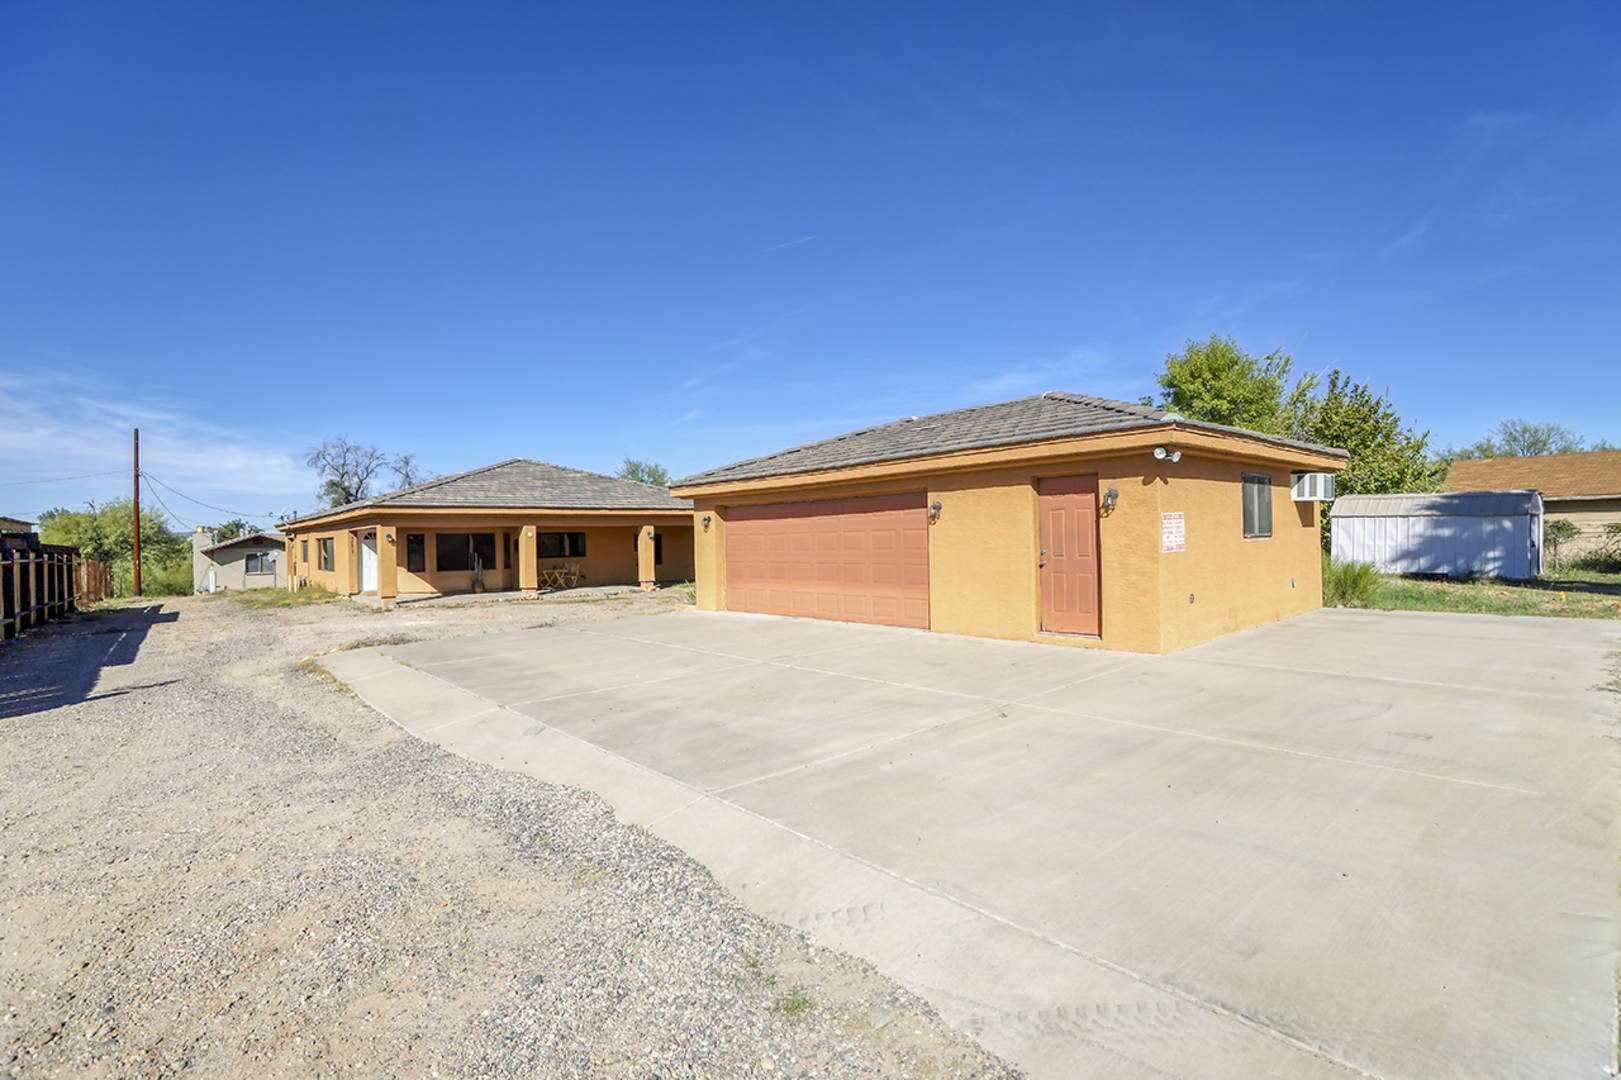 52615 N 305th Ave Wickenburg, AZ 85390